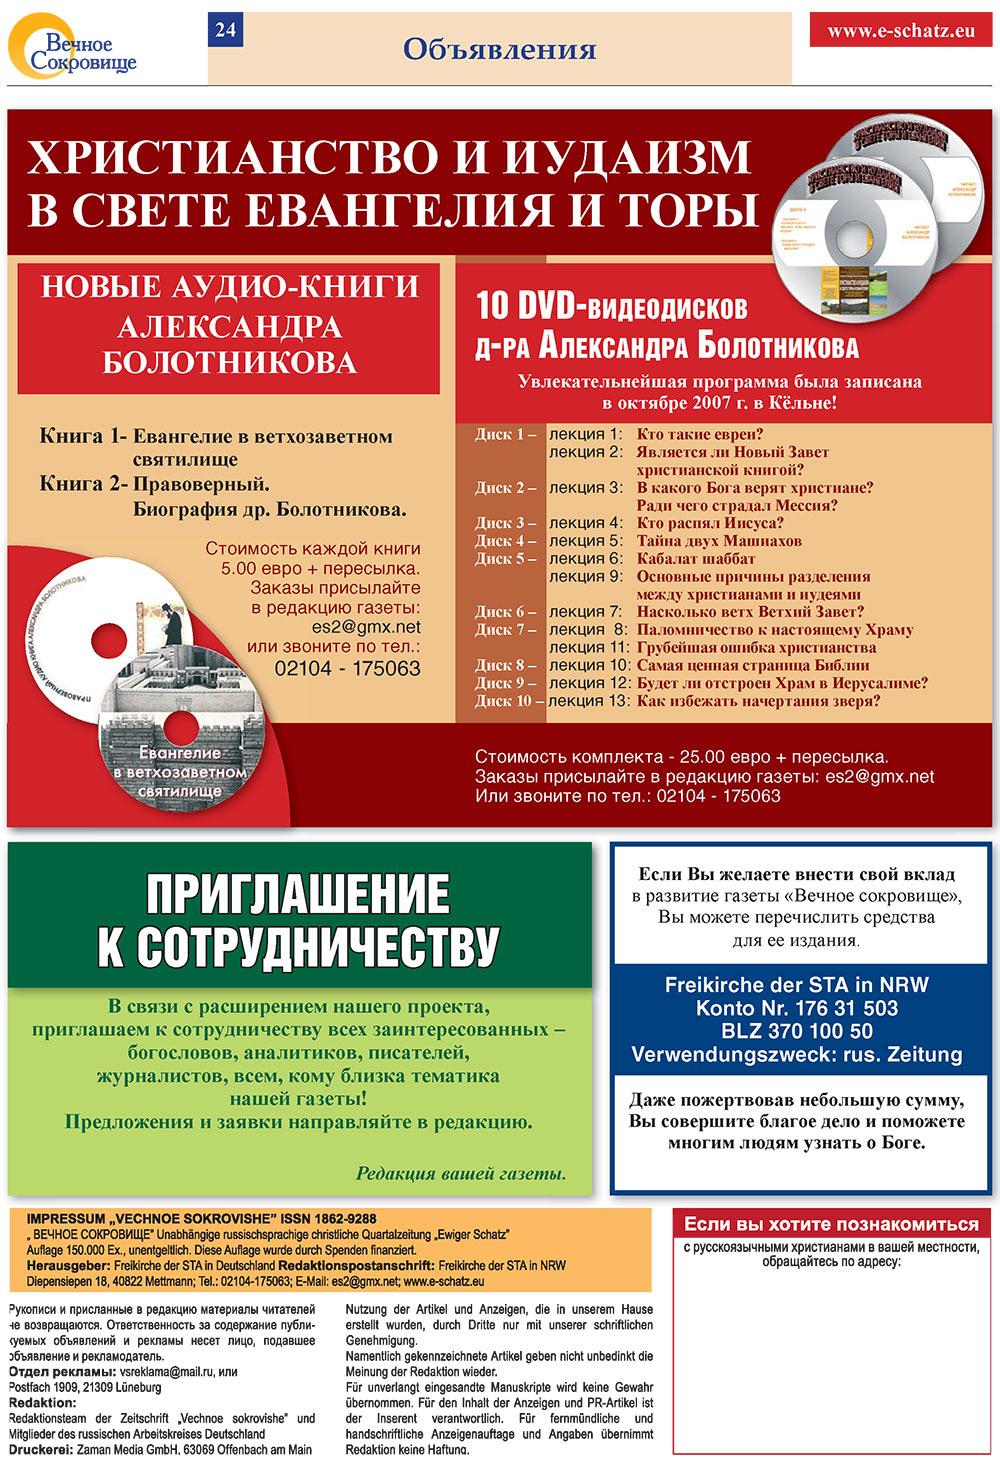 Вечное сокровище (газета). 2008 год, номер 4, стр. 24